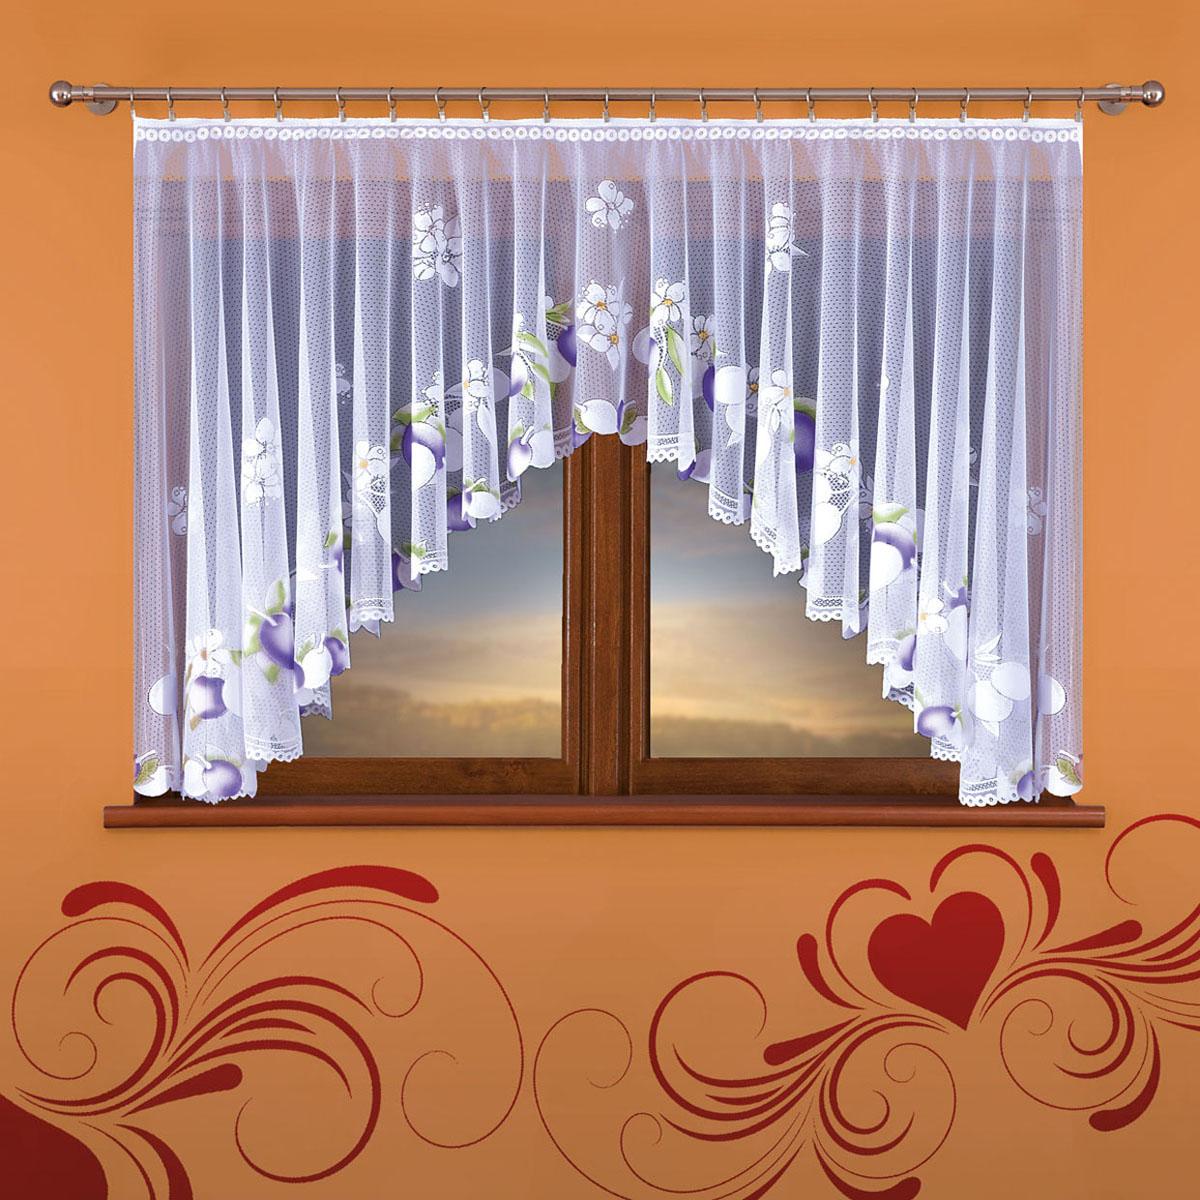 Гардина Wisan, цвет: белый, ширина 160 см, высота 130 смS03301004вид крепления - под зажимы для шторРазмеры: 160*130